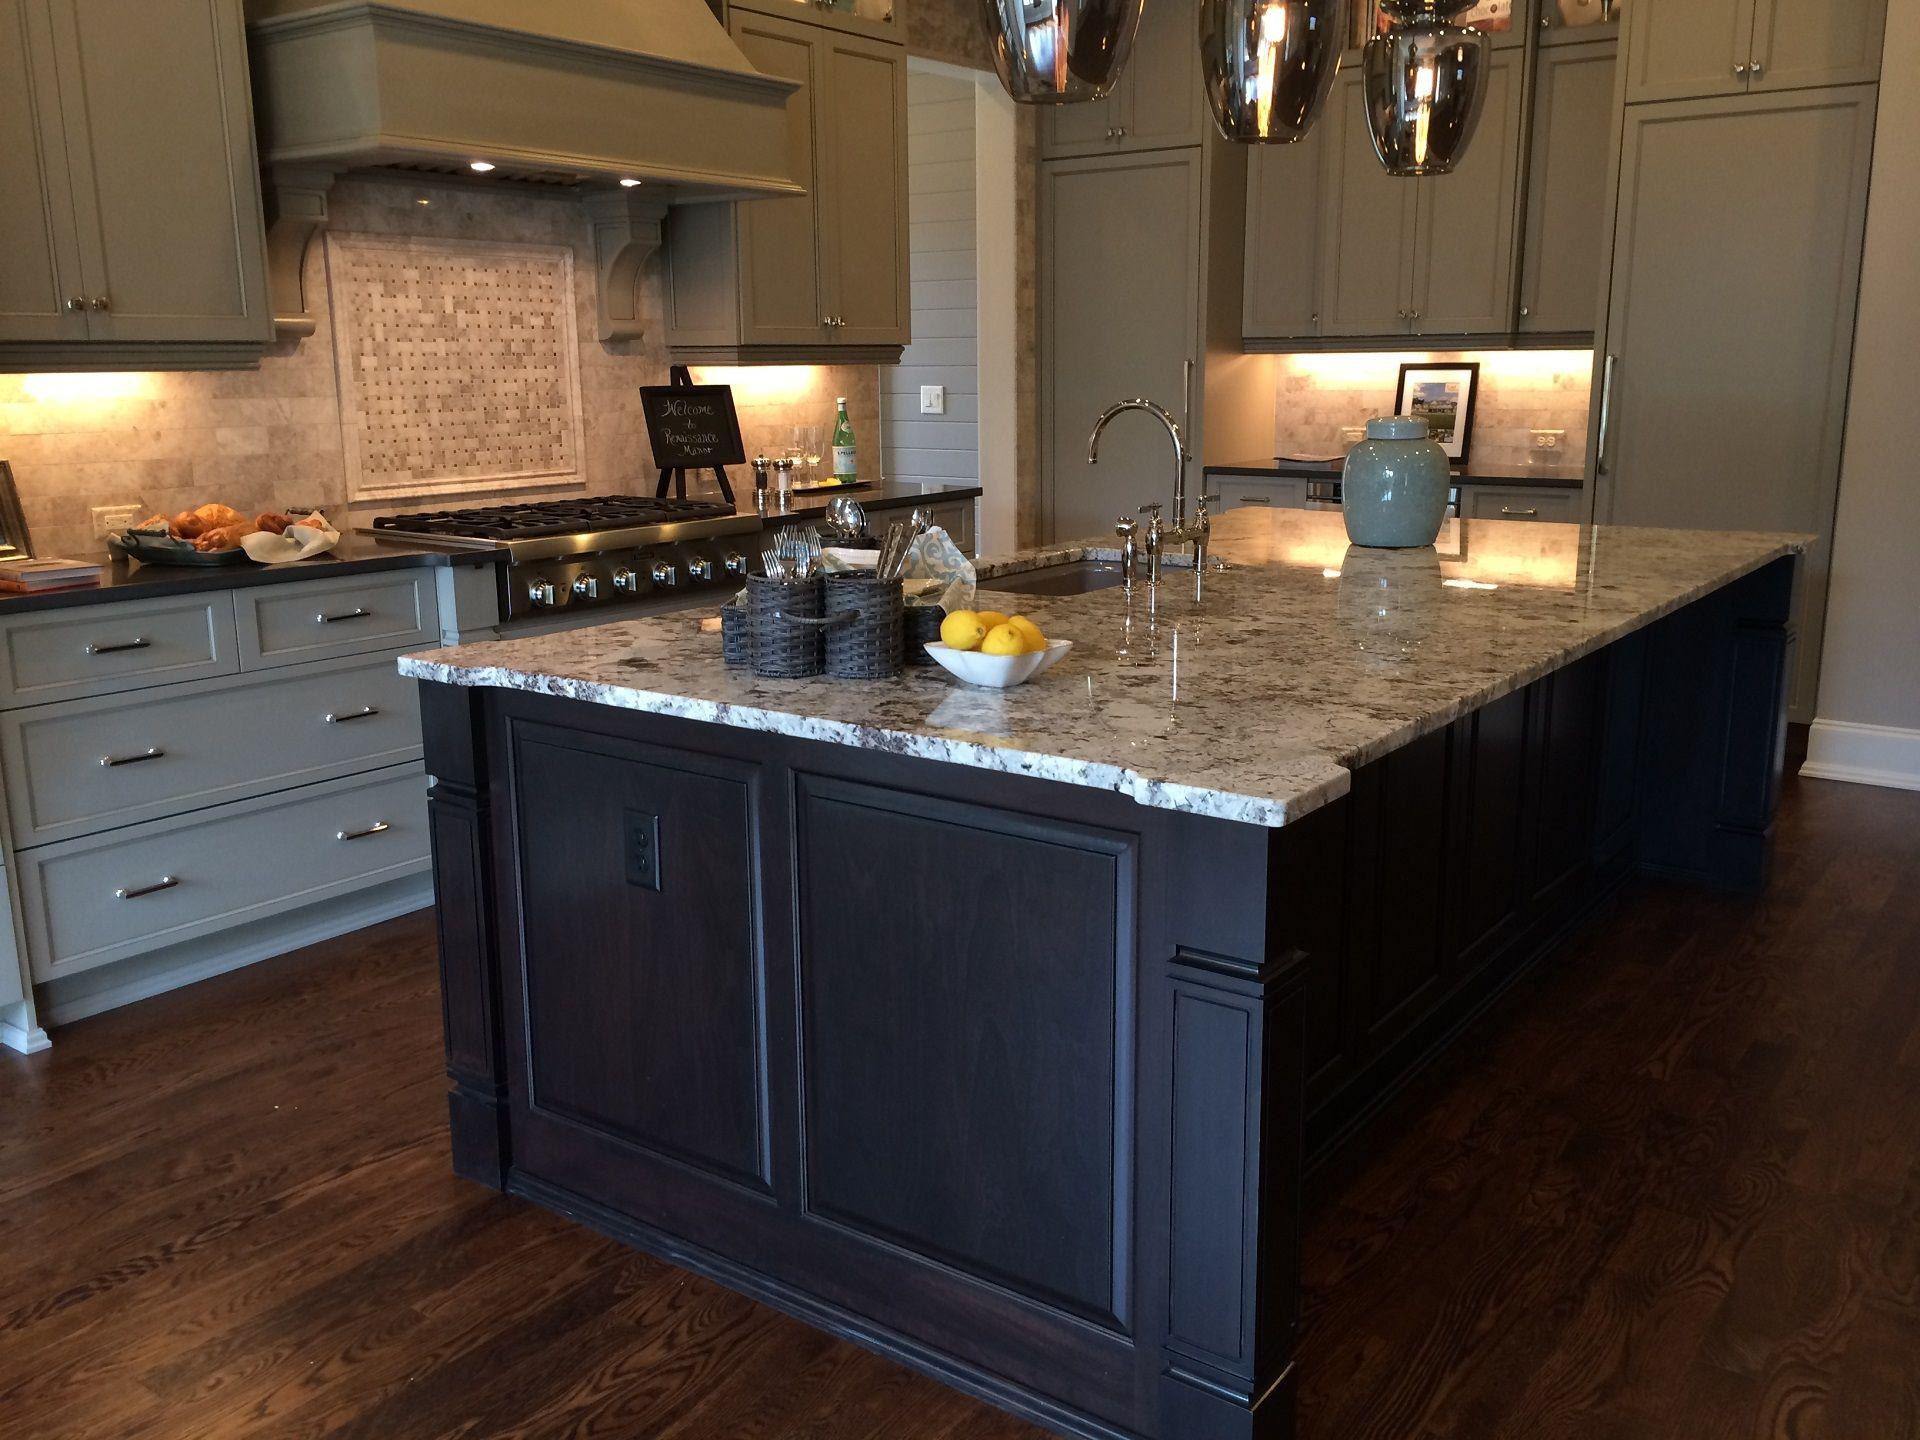 Küche Und Bad Design St Louis die Küche ist normalerweise befindet ...